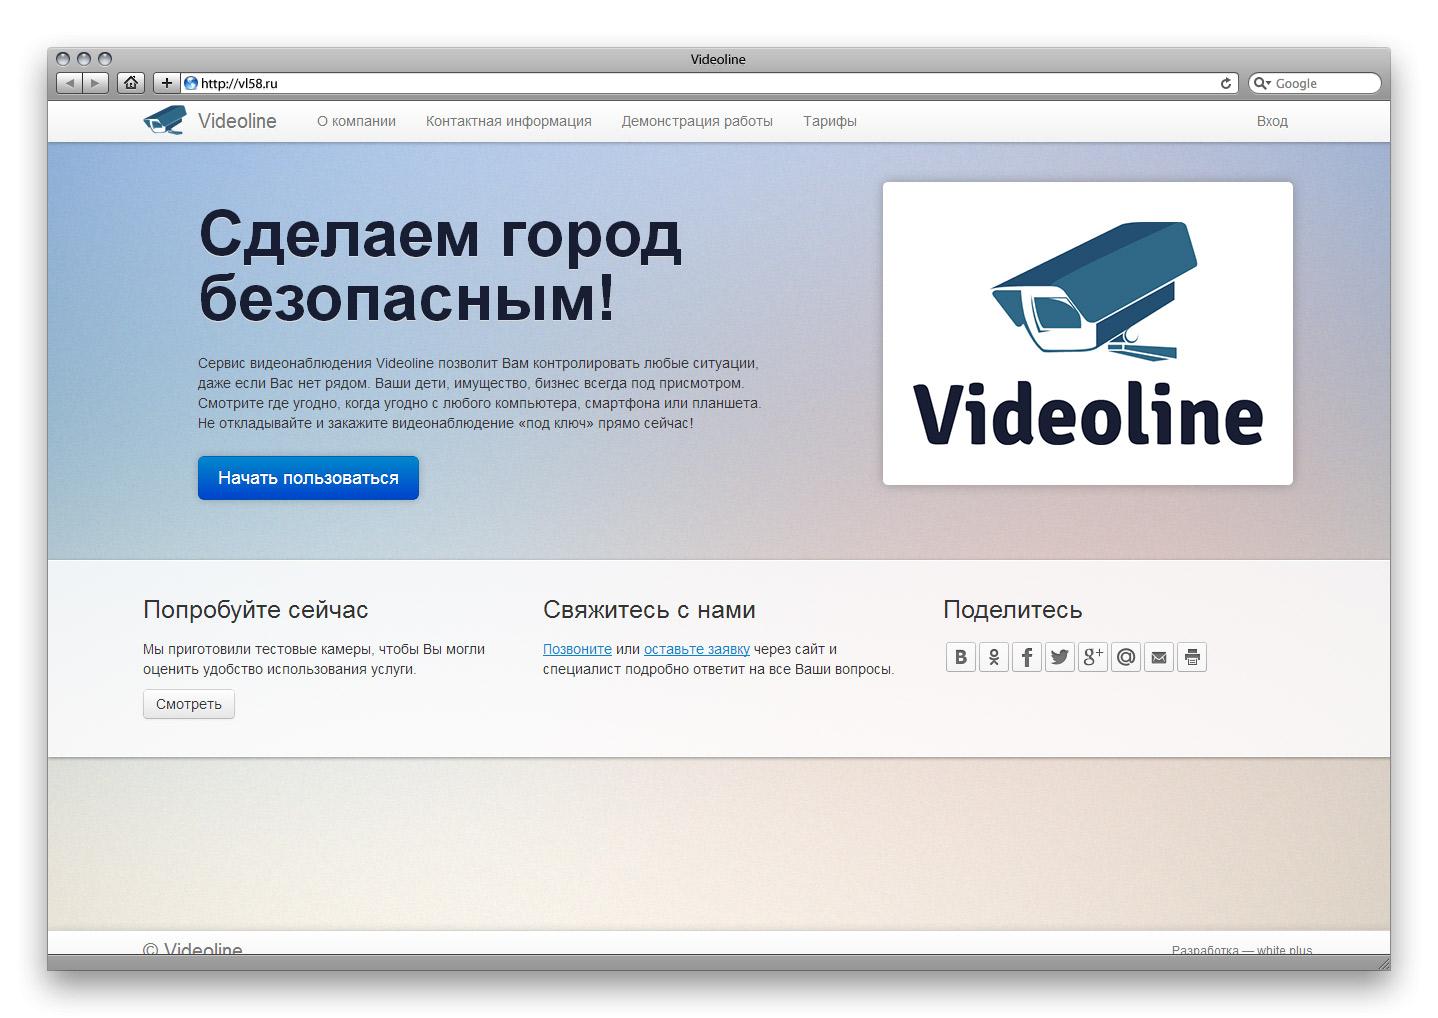 «Videoline» / сервис видеонаблюдения (личные кабинеты, биллинговая система, мониторинги и т.д.)